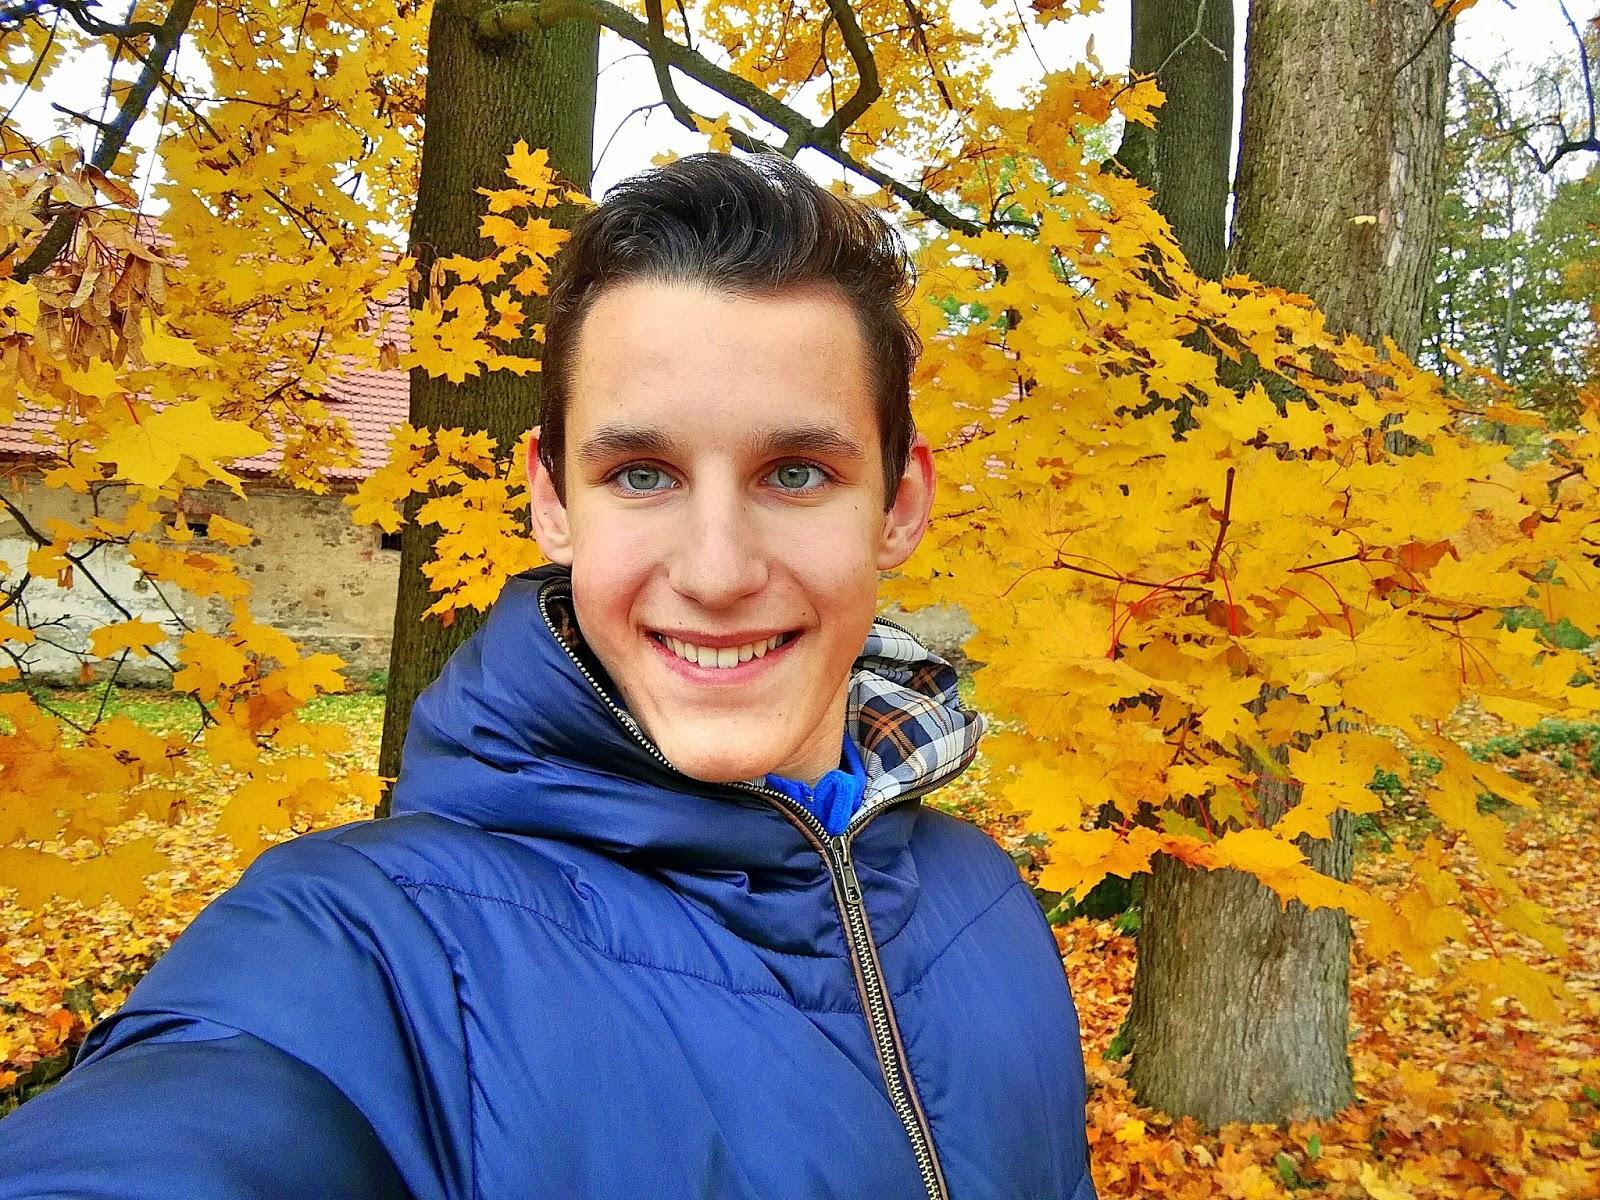 Jedna fotka ze žlutého podzimu! :-)